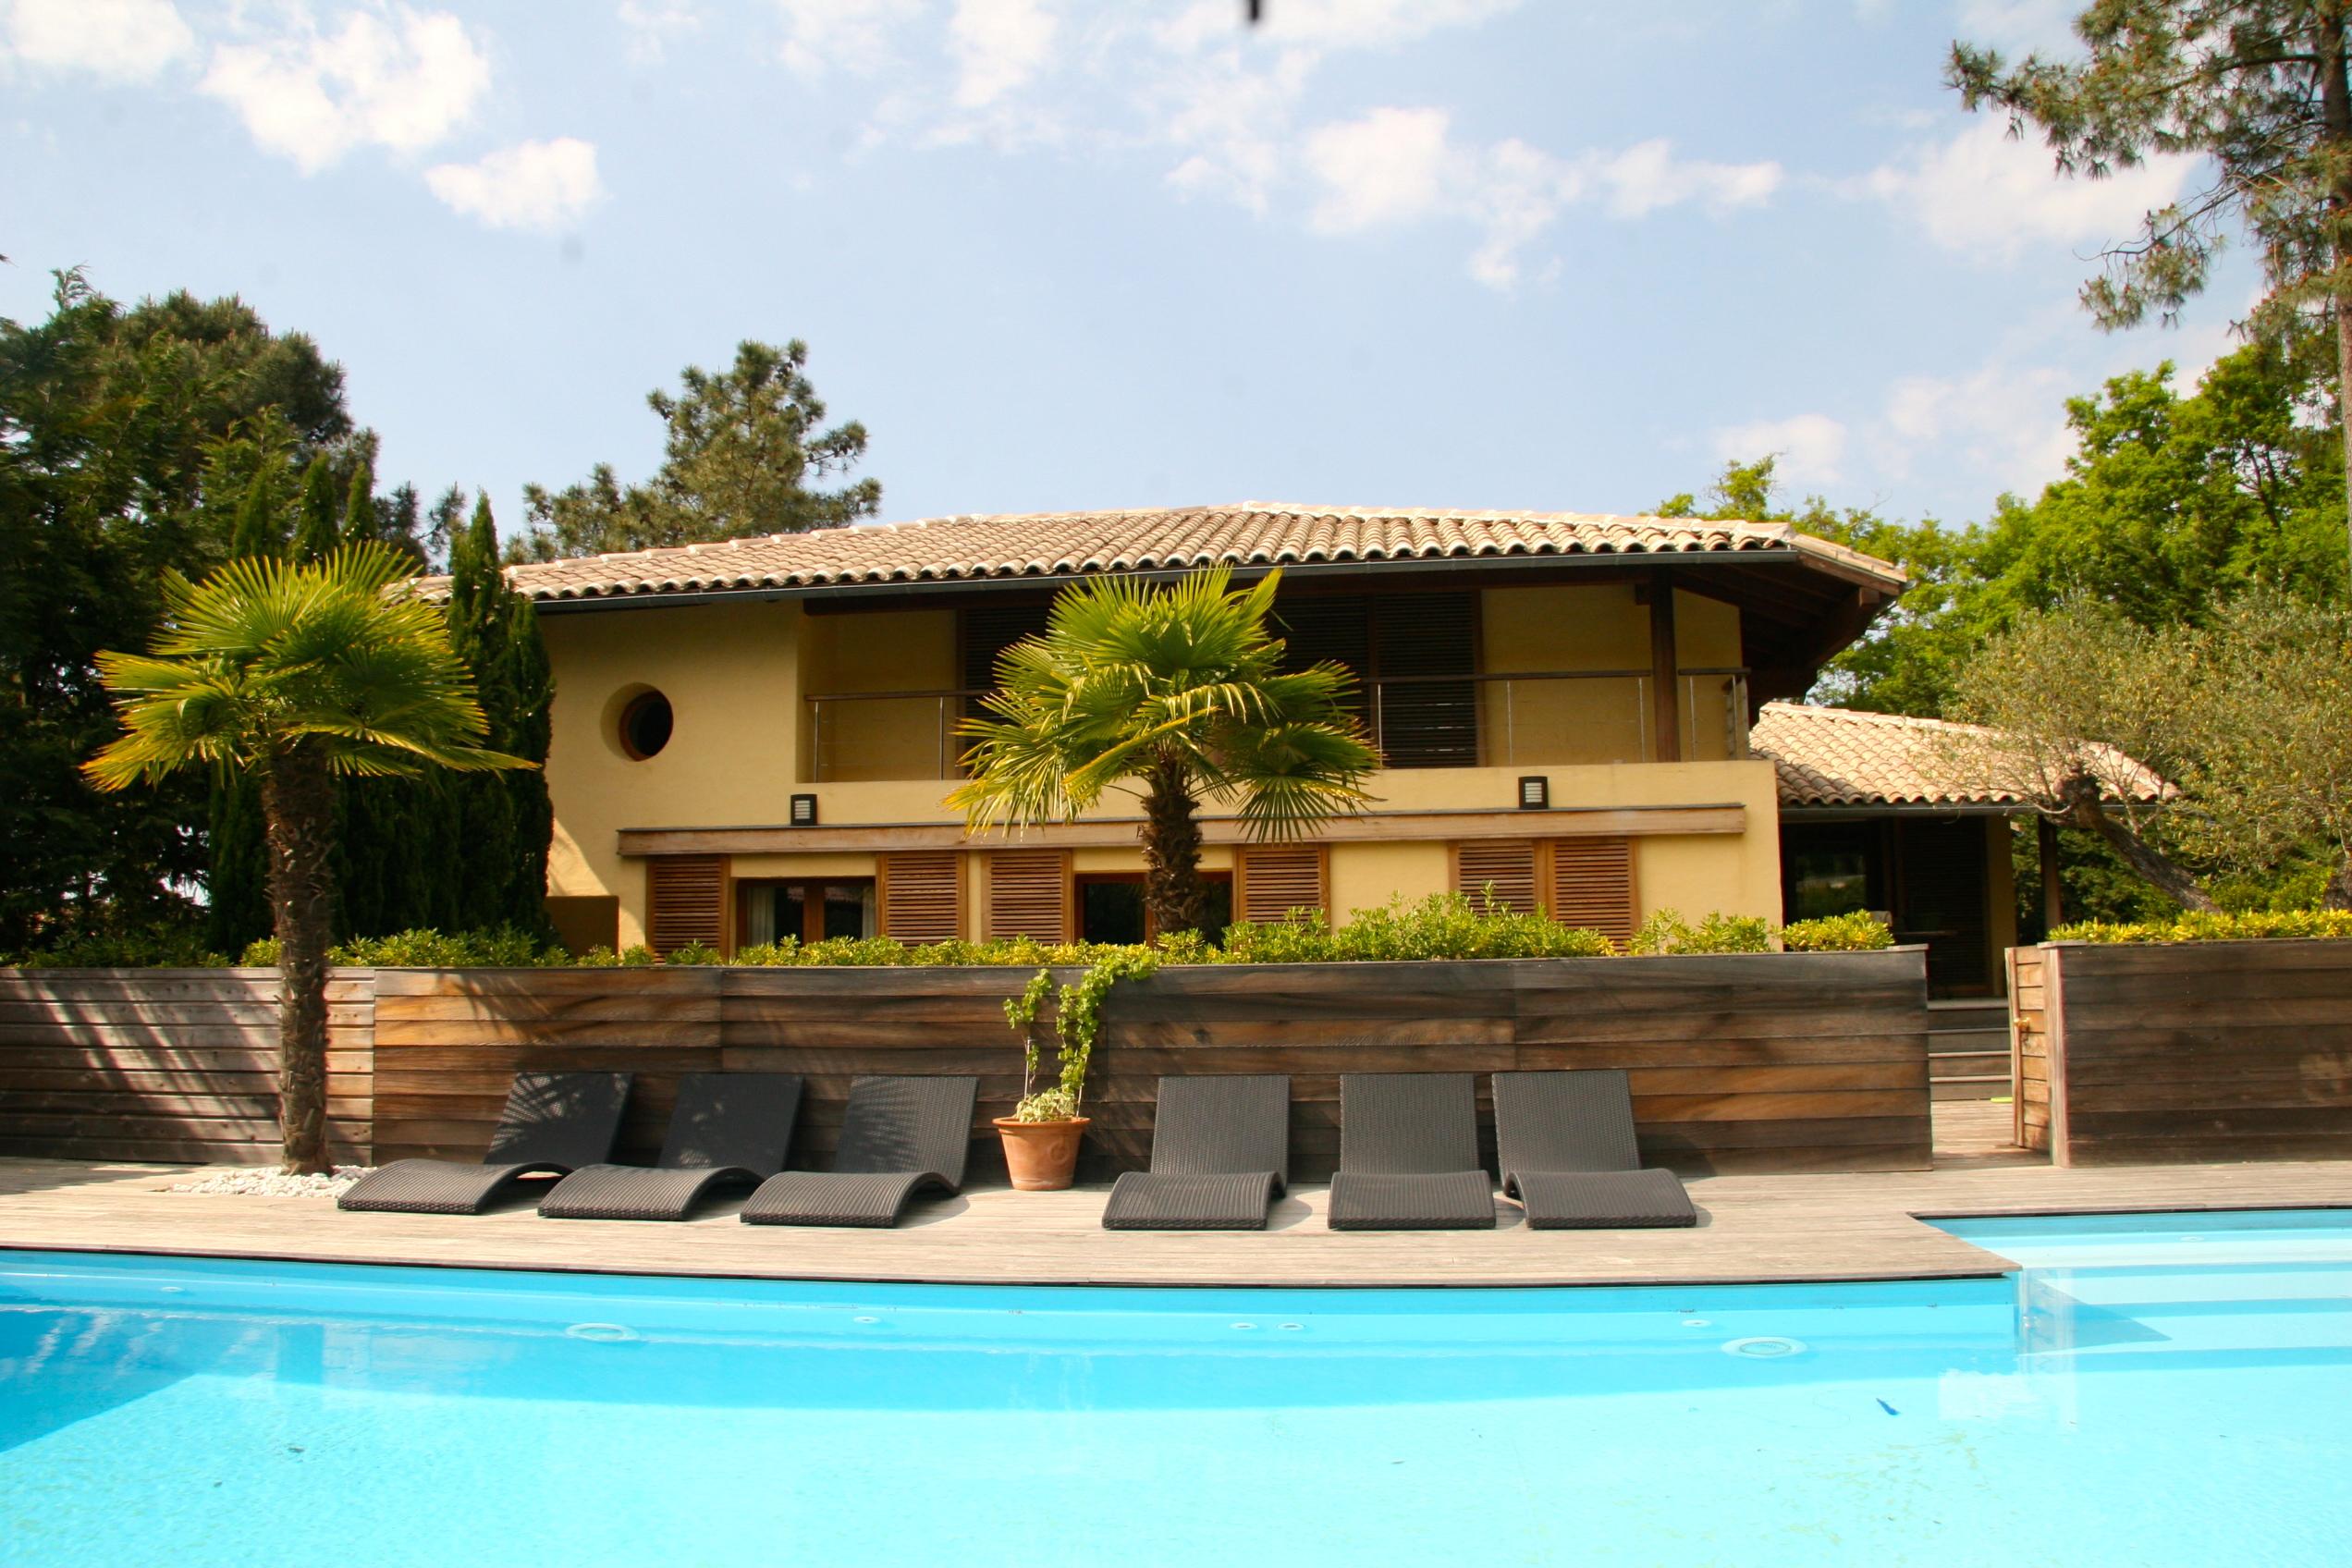 Einfamilienhaus für Verkauf beim Pyla sur mer, Villa 5 chambres avec vue Bassin Pyla Sur Mer, Aquitanien 33115 Frankreich